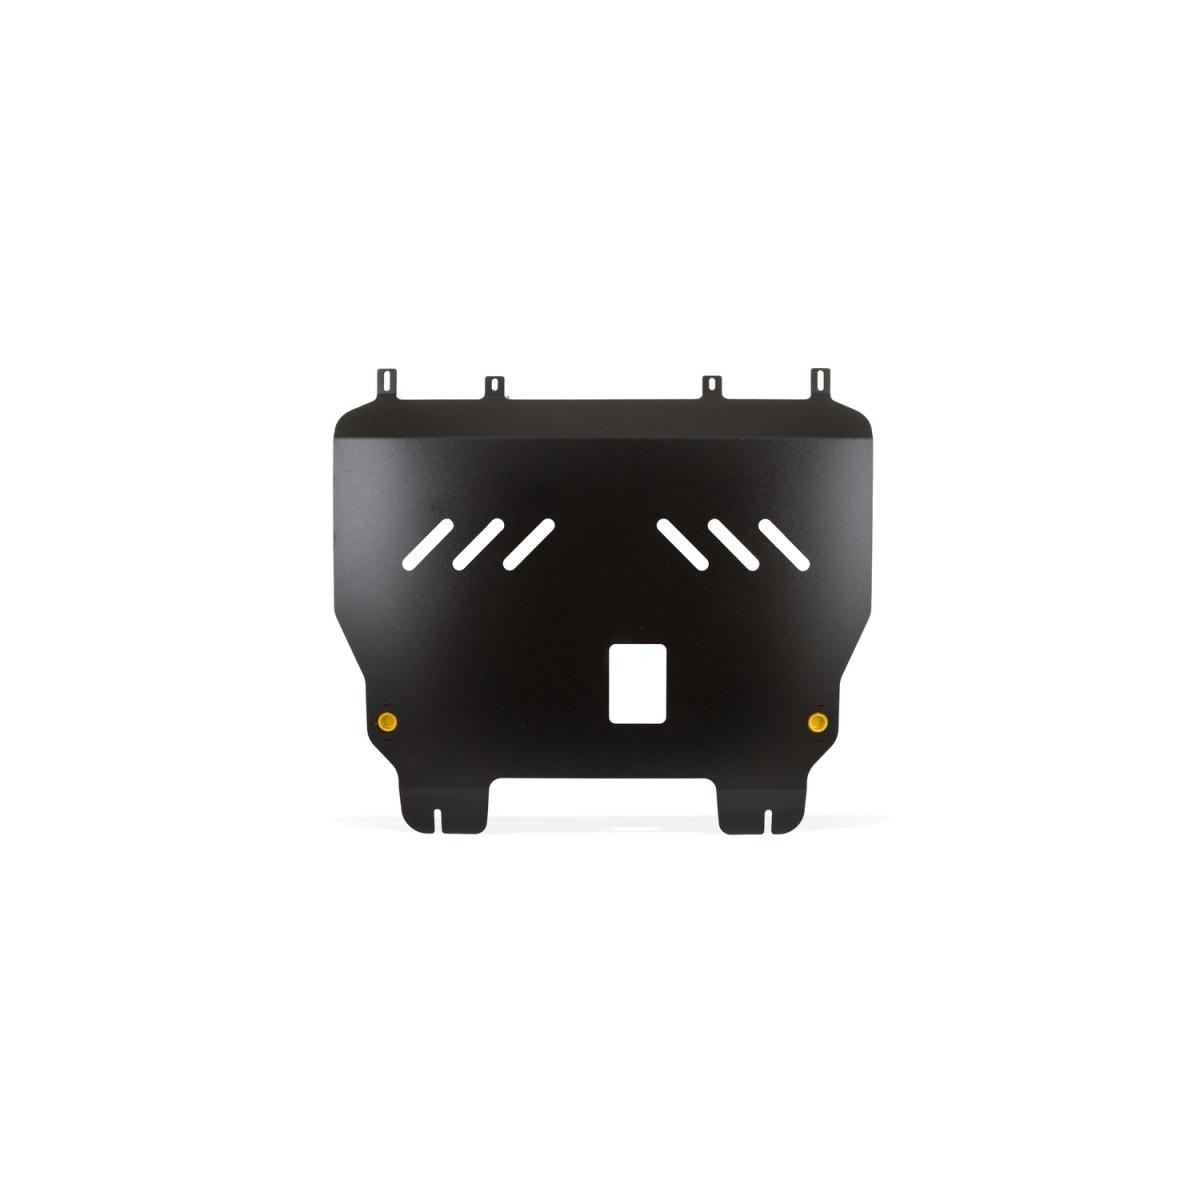 Sujetadores ZK, adecuados para Kia Venga (11) 1,4/1,6/contenedor. Mt/a (Kia wenga)